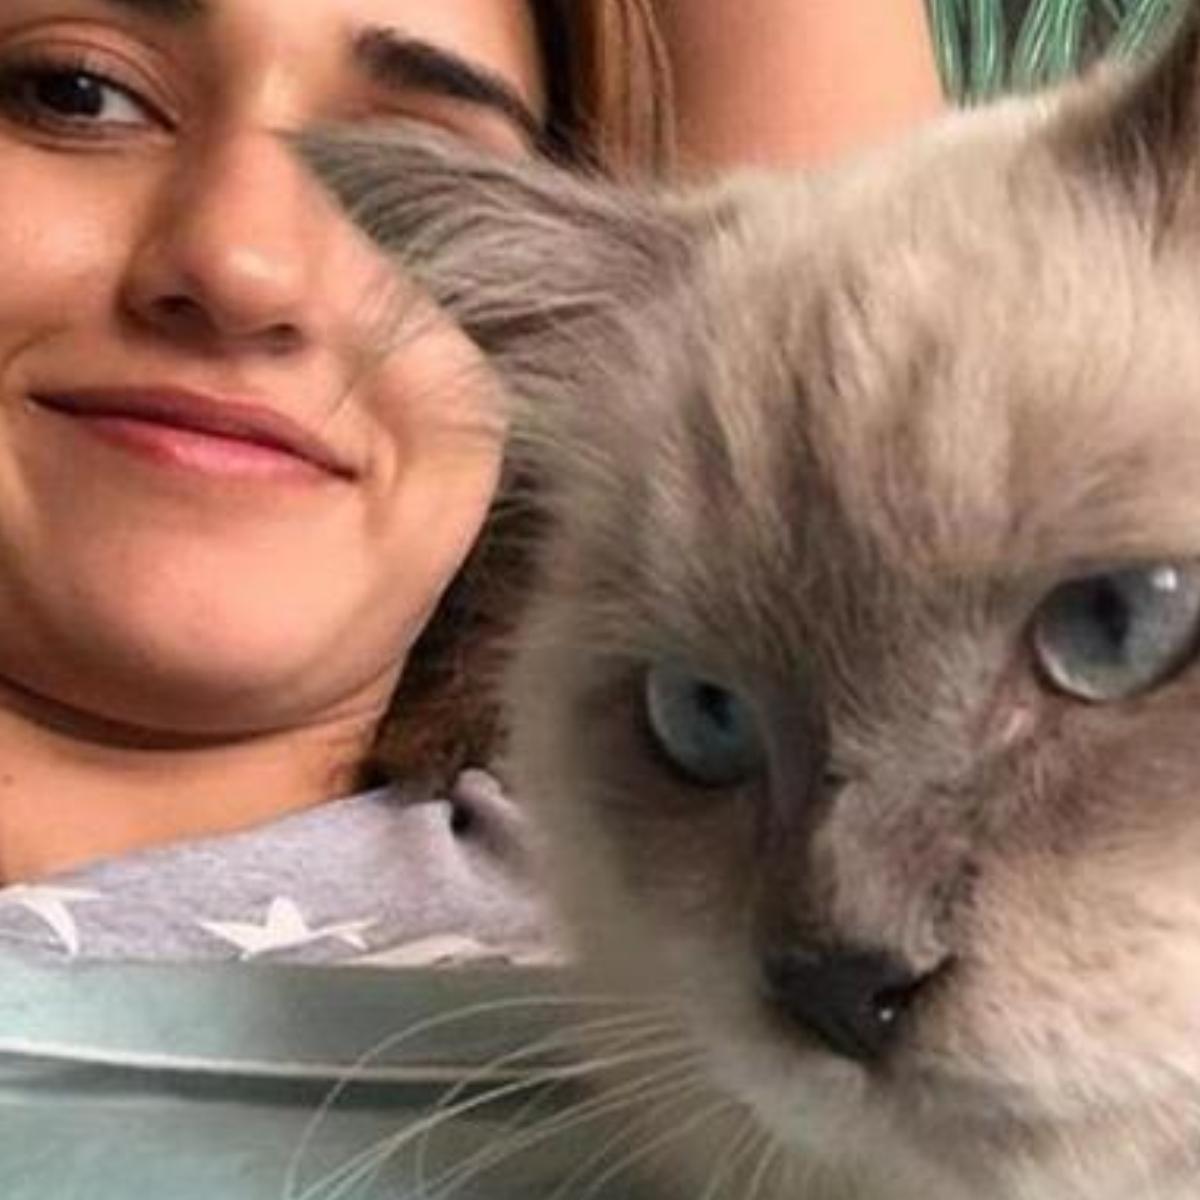 दिशा पटानी के पास बिल्ली भी है, जिसके साथ उनकी बहुत प्यारी प्यारे तस्वीरें हैं! दिशा भी इनकी कंपनी बहुत एन्जॉय करती है और यह हमें उनकी तस्वीरों में साफ़ दिखाई देता है!